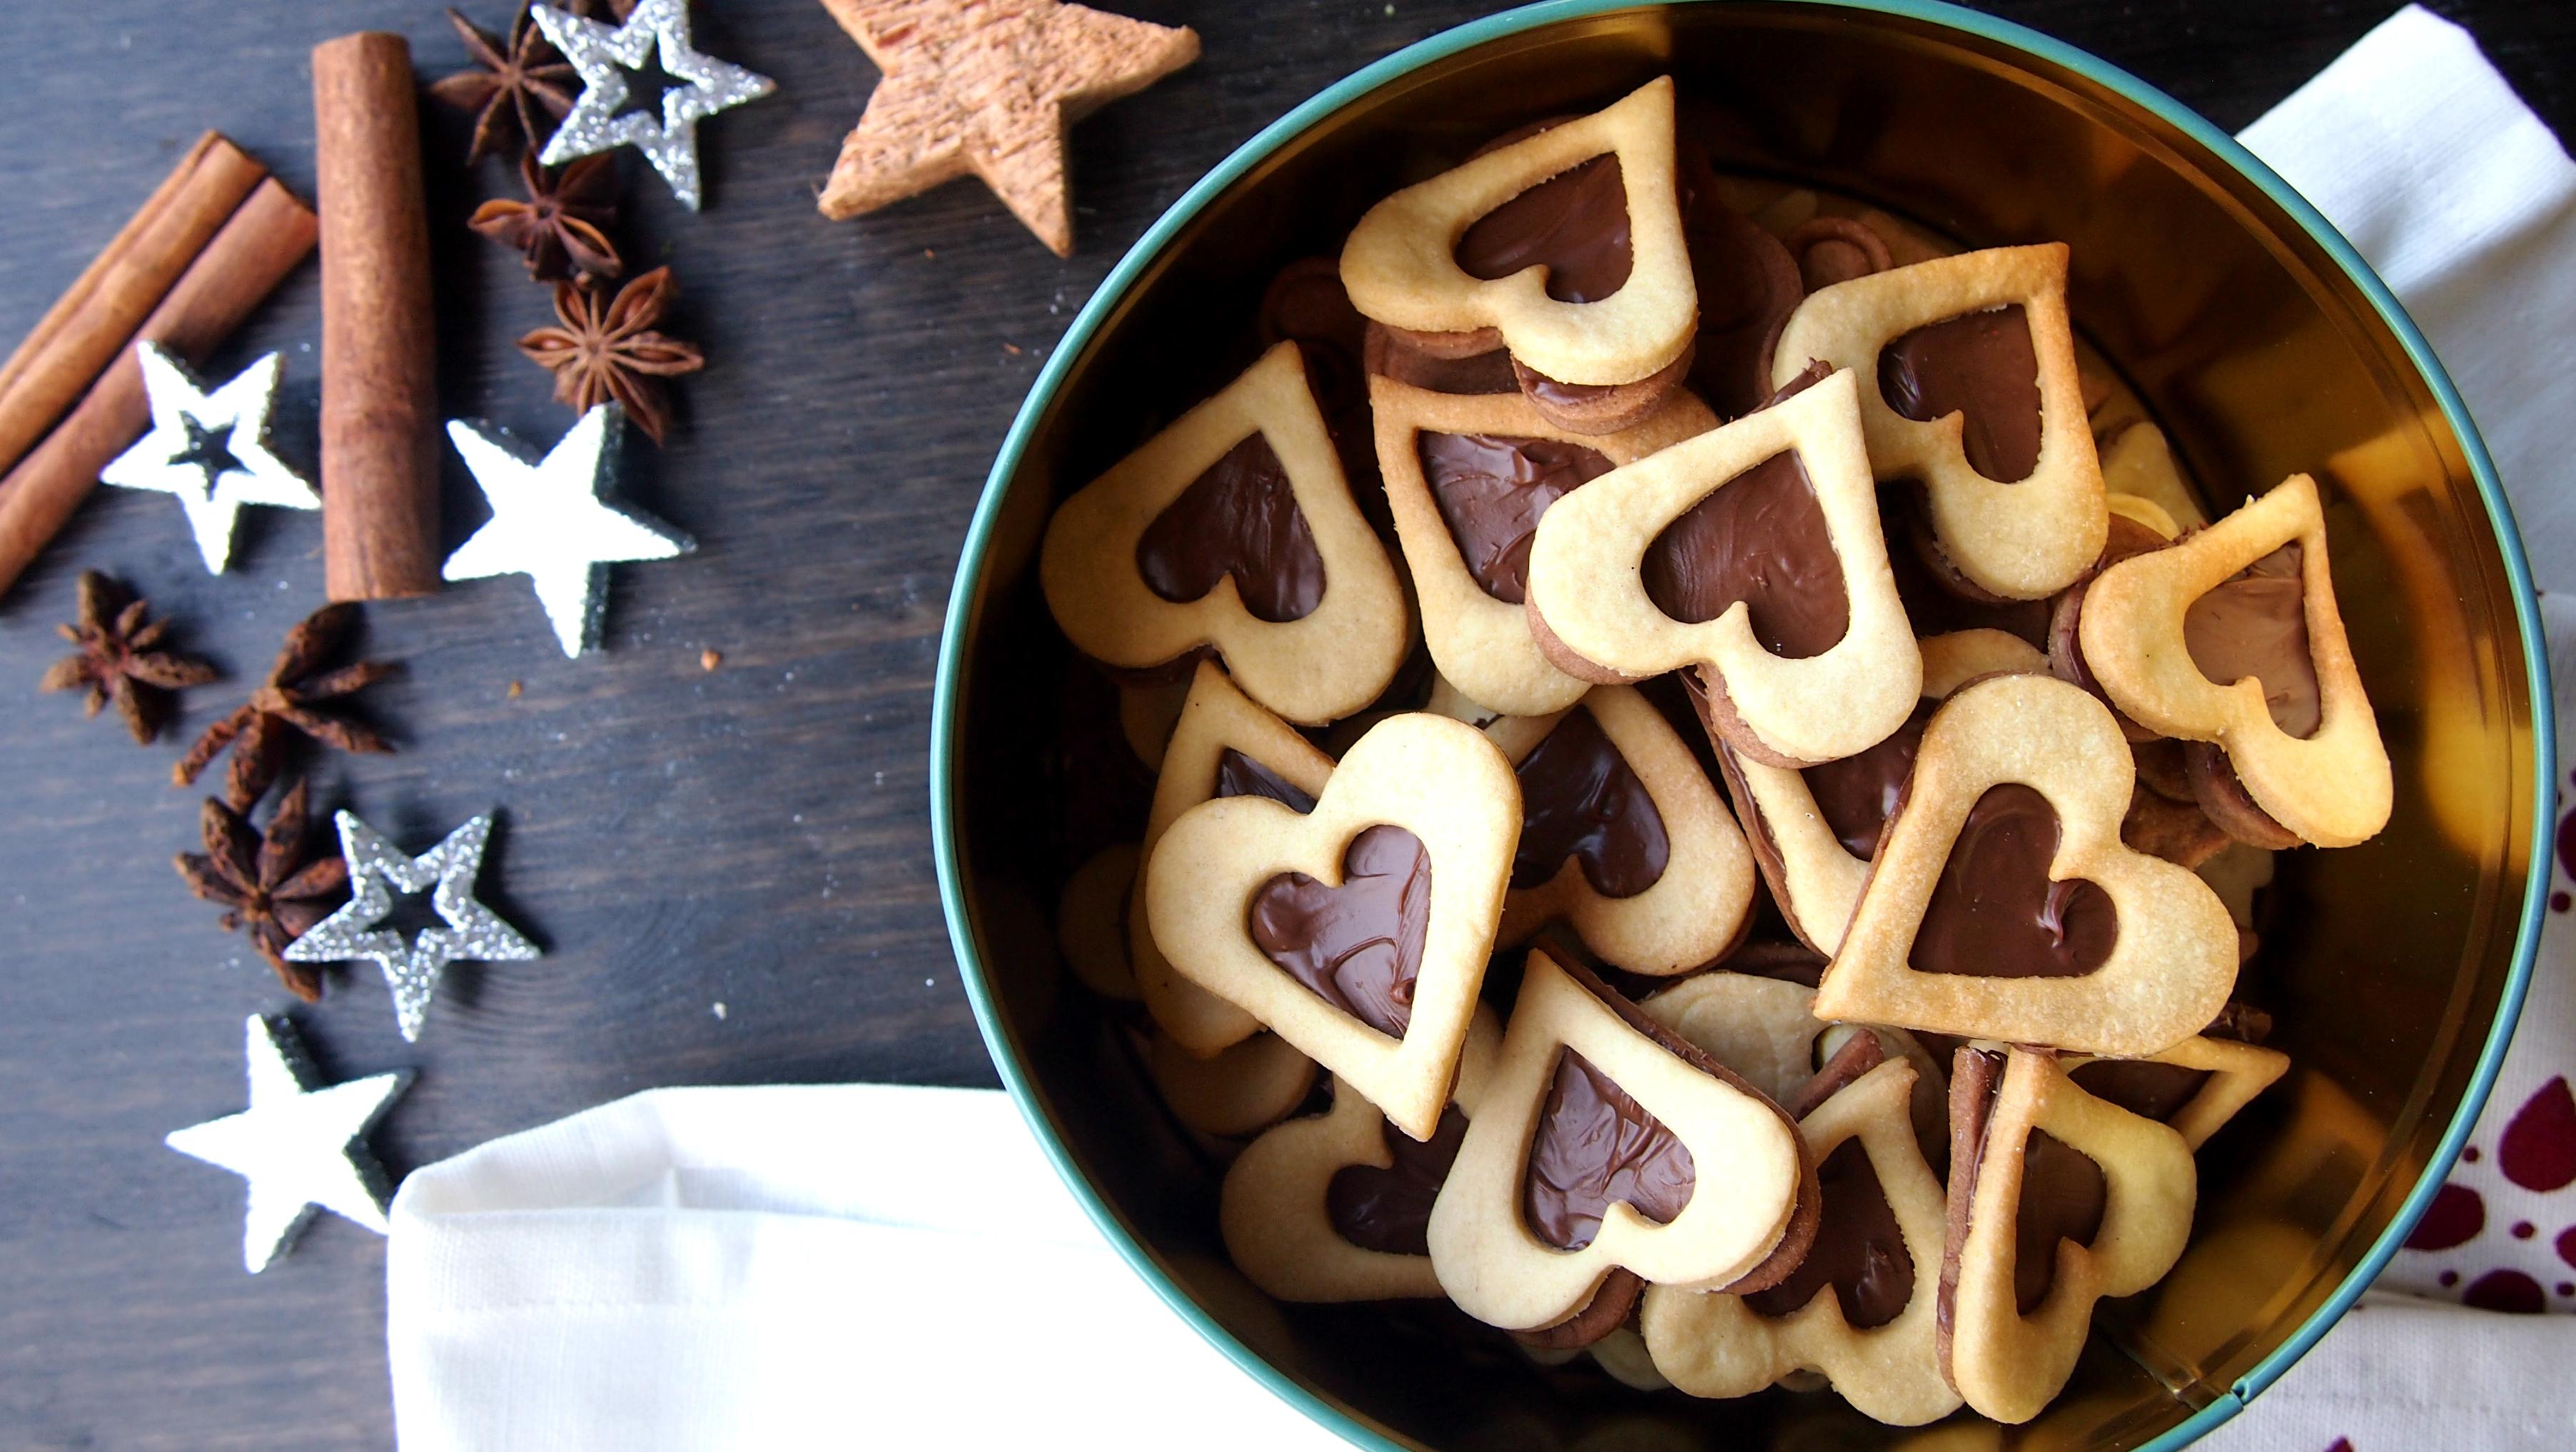 Nutellakekse oder Kakao Butter Kekse mit Nutella in Herzform in einer Keksdose von Depot